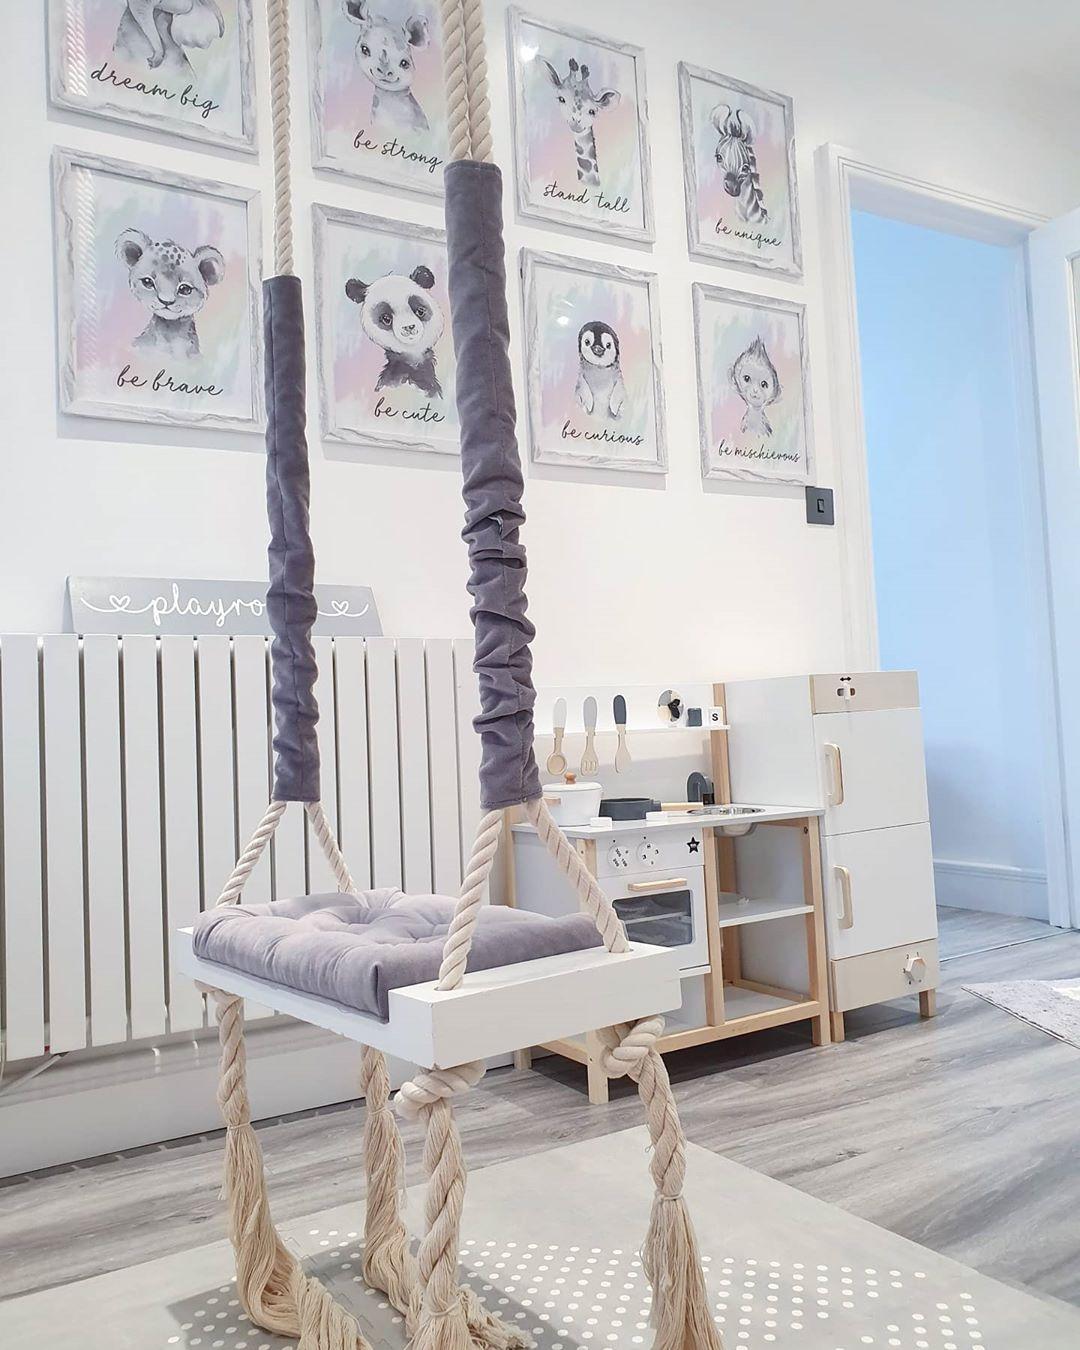 Milano Capri radiator in a white playroom